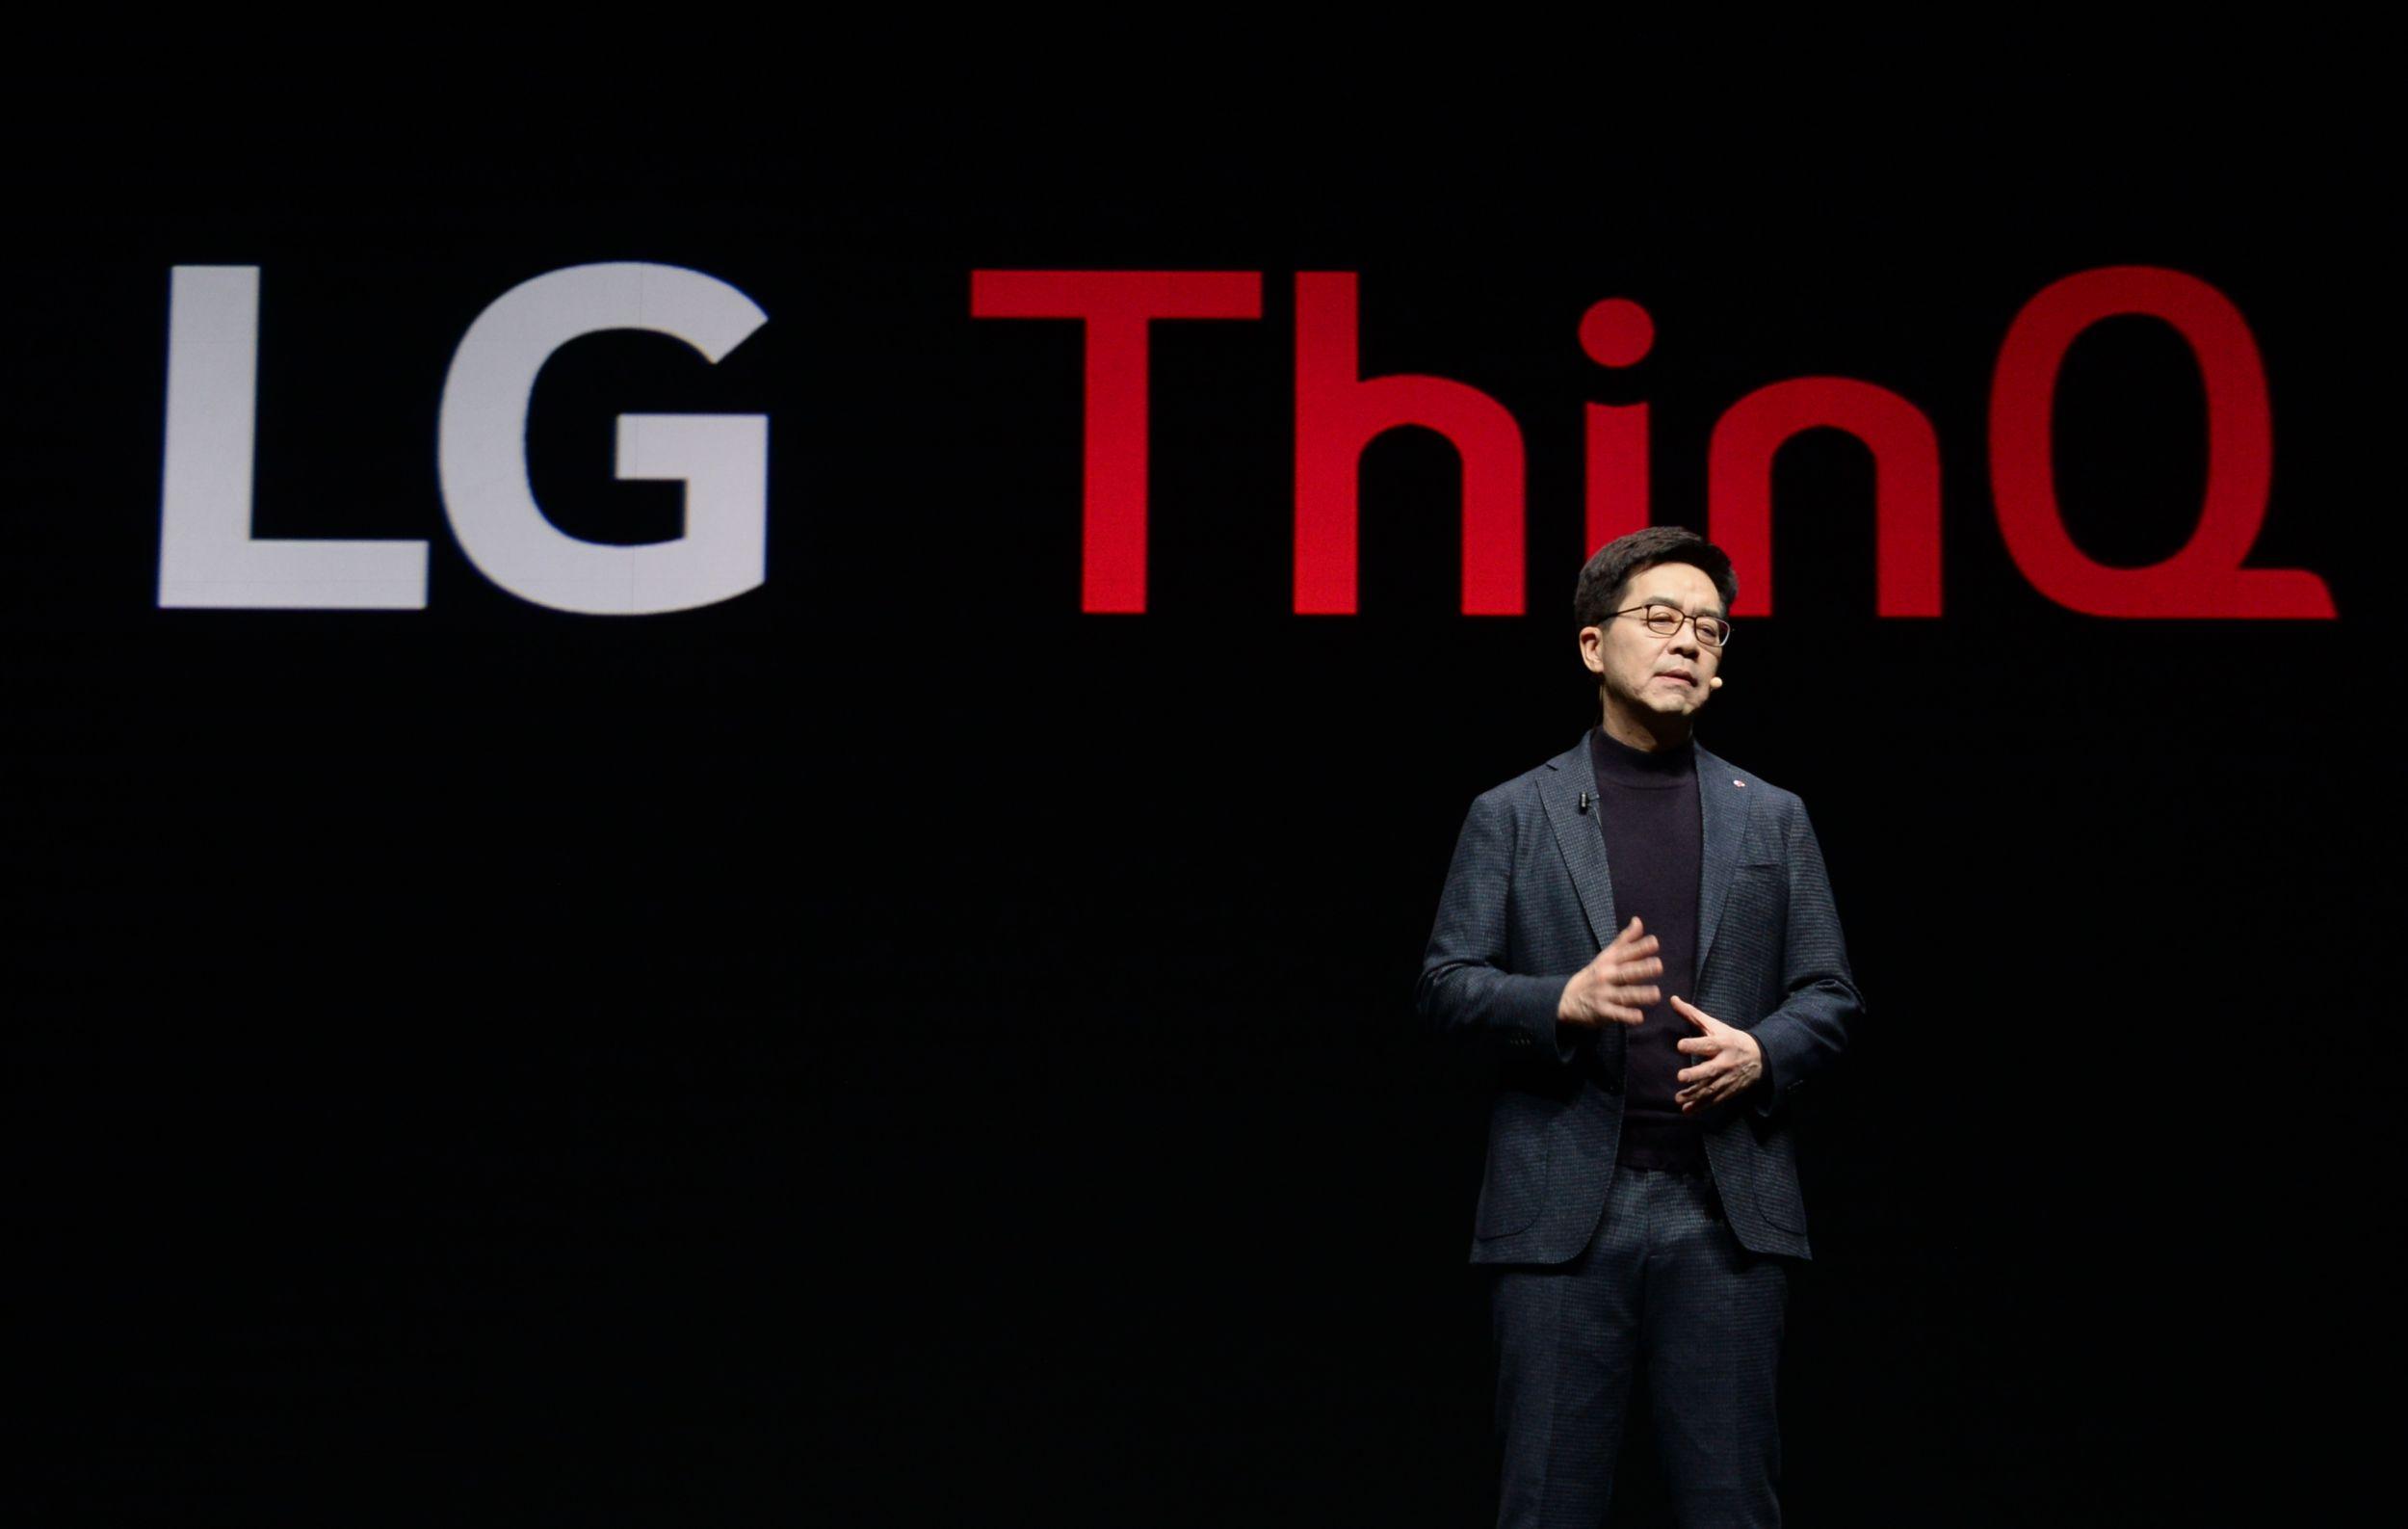 LG전자 CTO(최고기술책임자) 박일평(朴日平) 사장이 현지시간 7일 美 라스베이거스 파크MGM호텔에서 '고객의 더 나은 삶을 위한 인공지능(AI for an Even Better Life)'을 주제로 'CES 2019' 개막 기조연설을 진행했다.